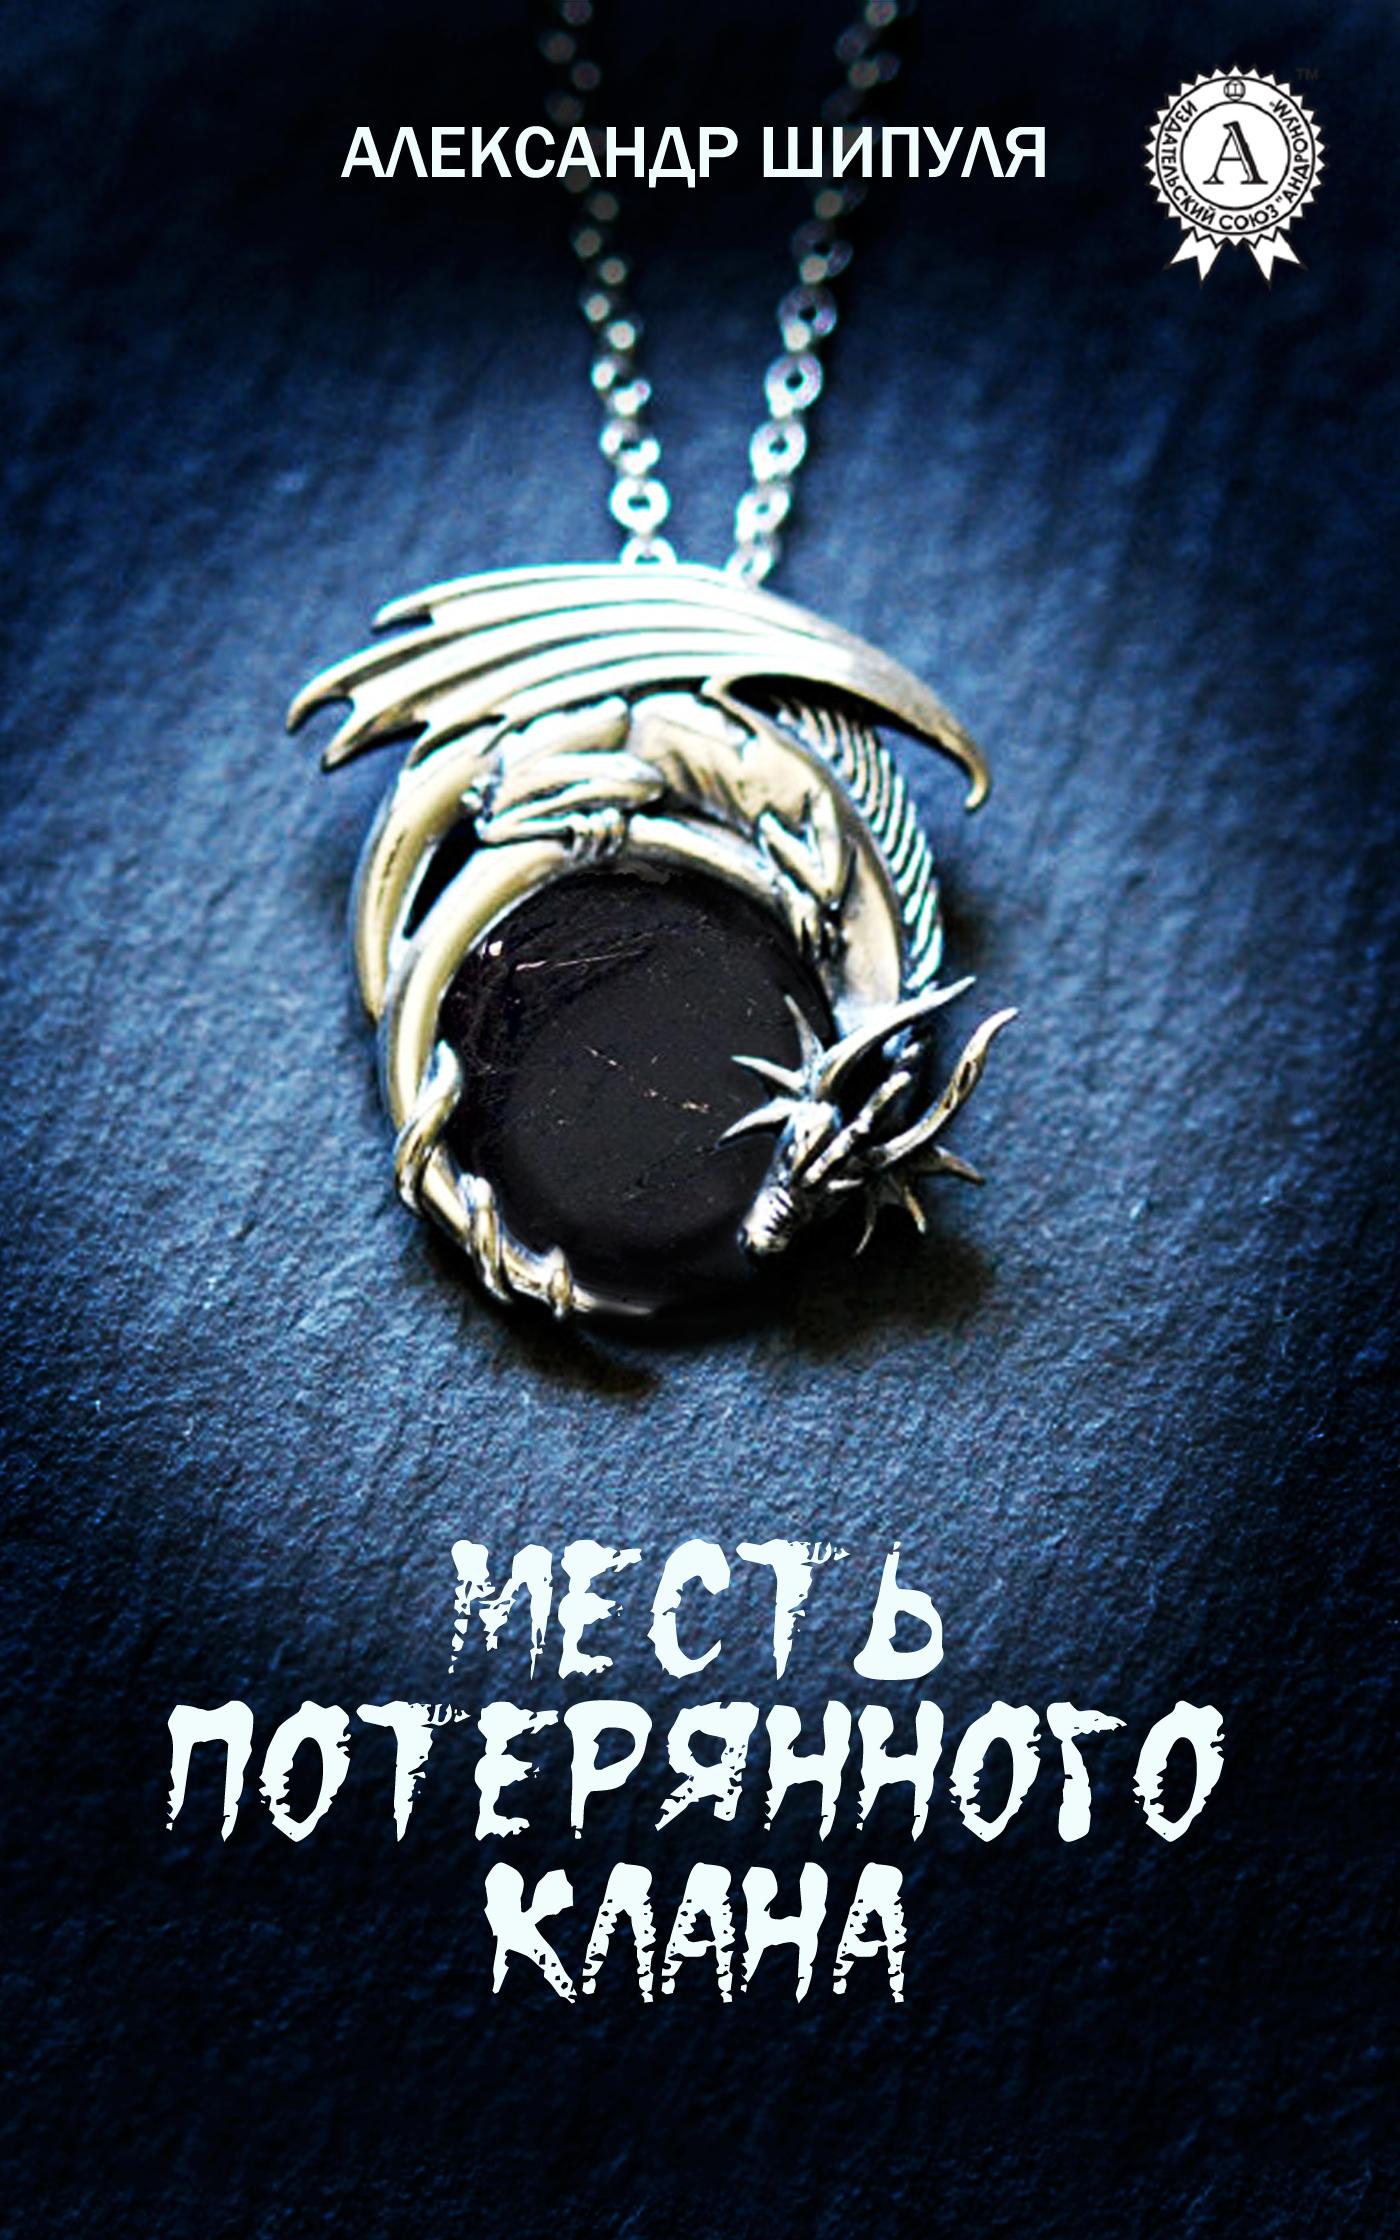 Александр Шипуля - Месть потерянного клана